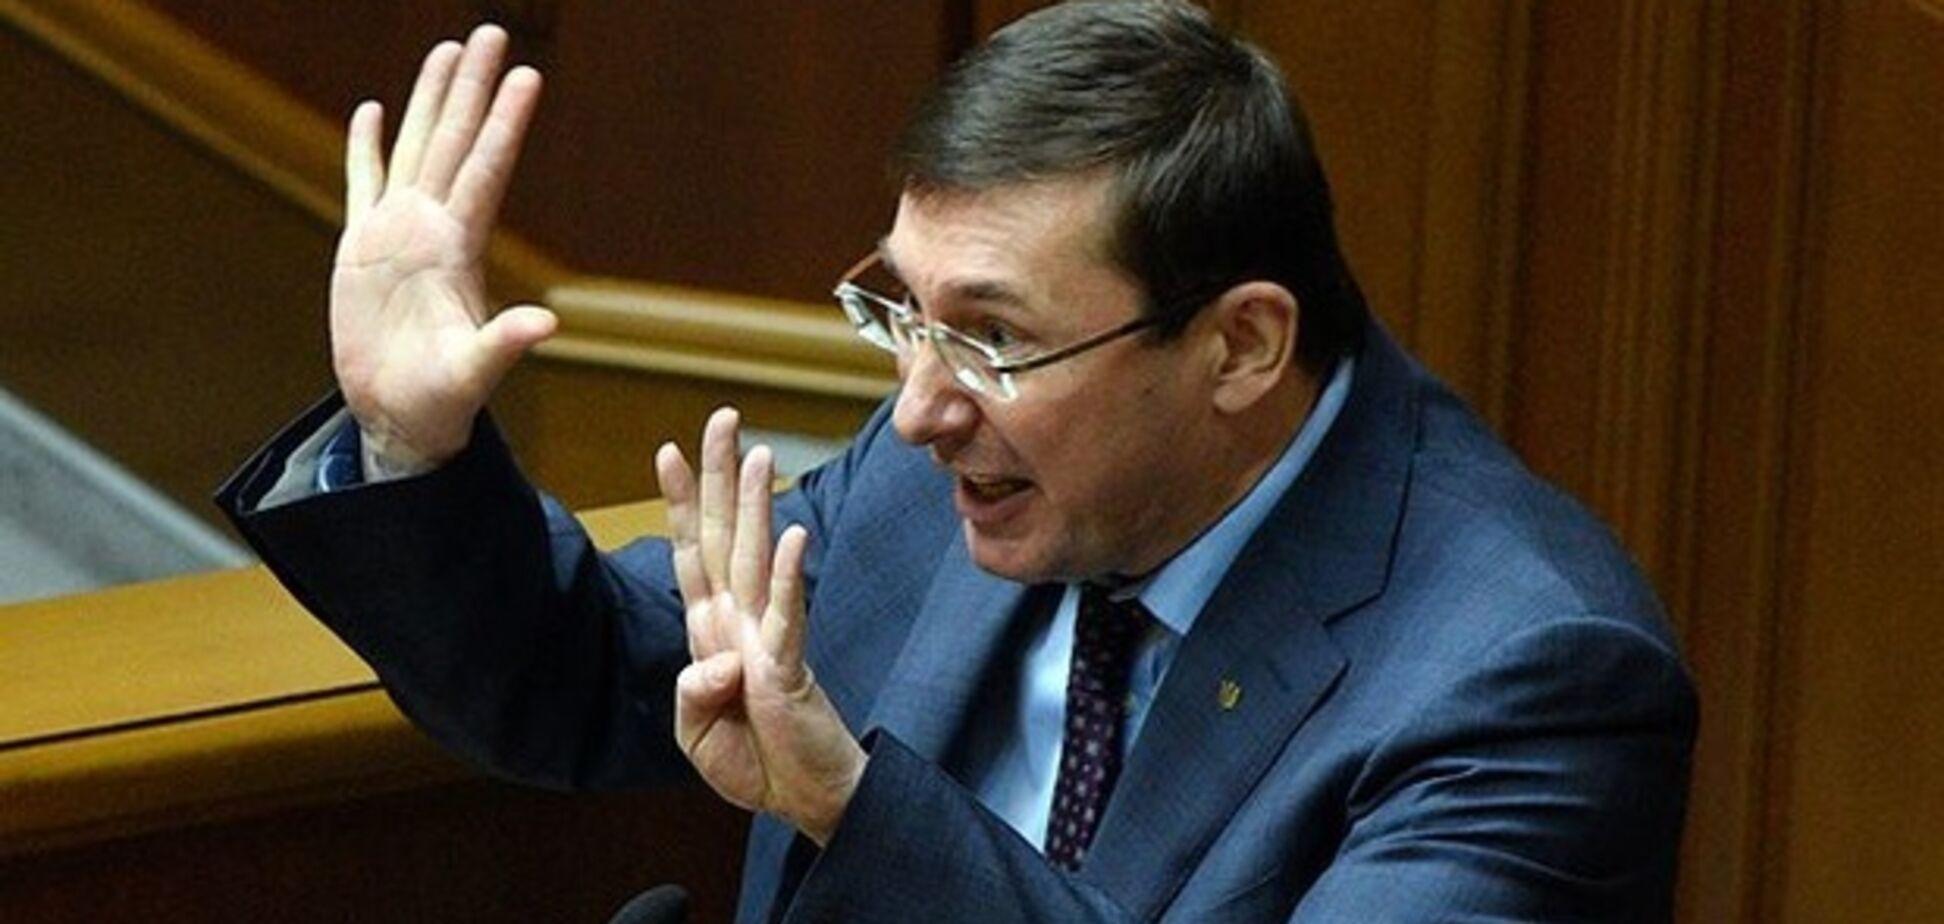 Свадьба сына Луценко: ГПУ внезапно закрыла дело о нападении на журналистов